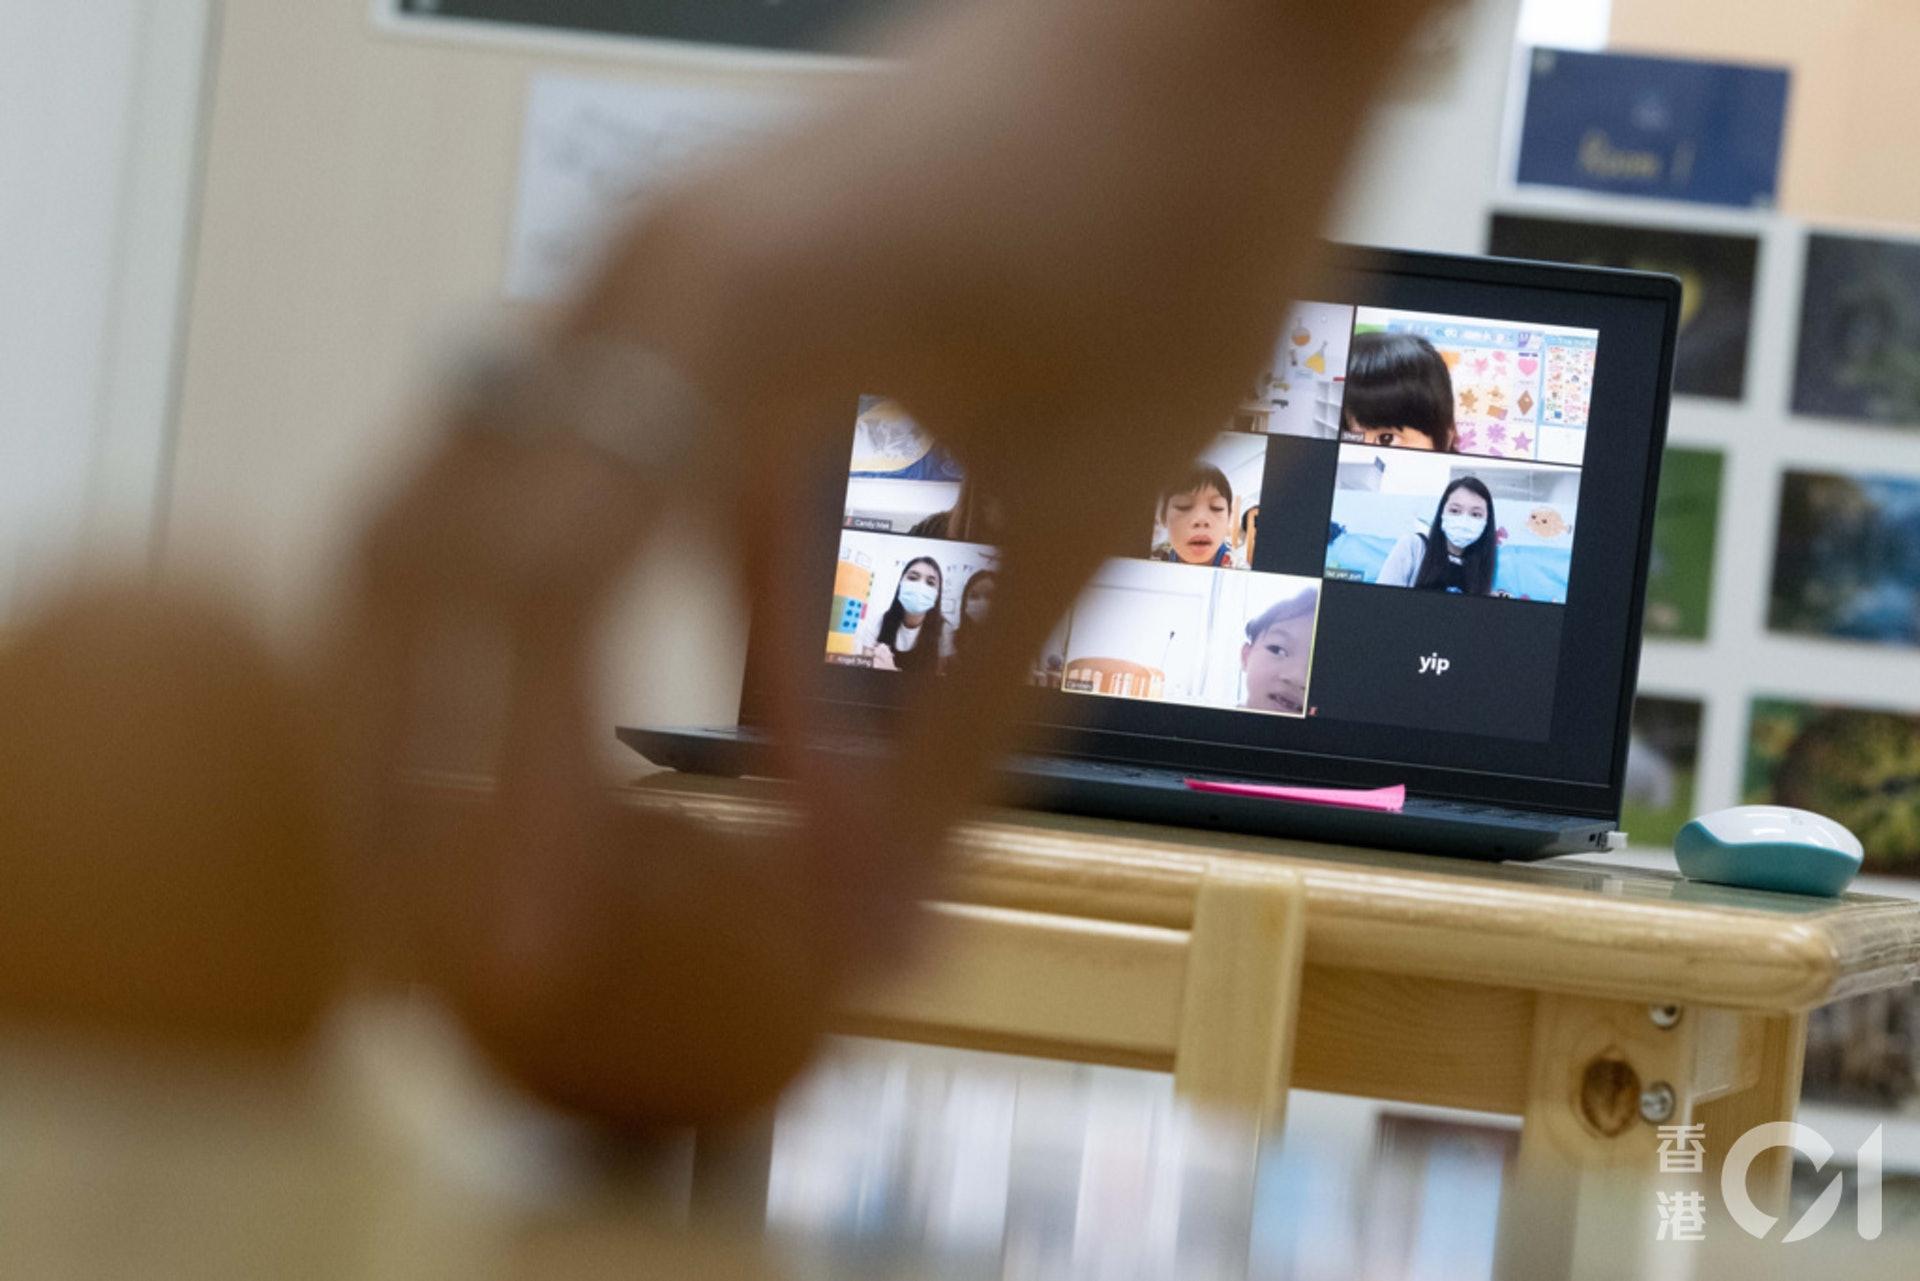 德萃幼稚園部教學團隊指,網課期間會向家長提供包裝好的教材,又或以家中易拿取的物品教學,方便家長輔助學生學習。(盧翊銘攝)